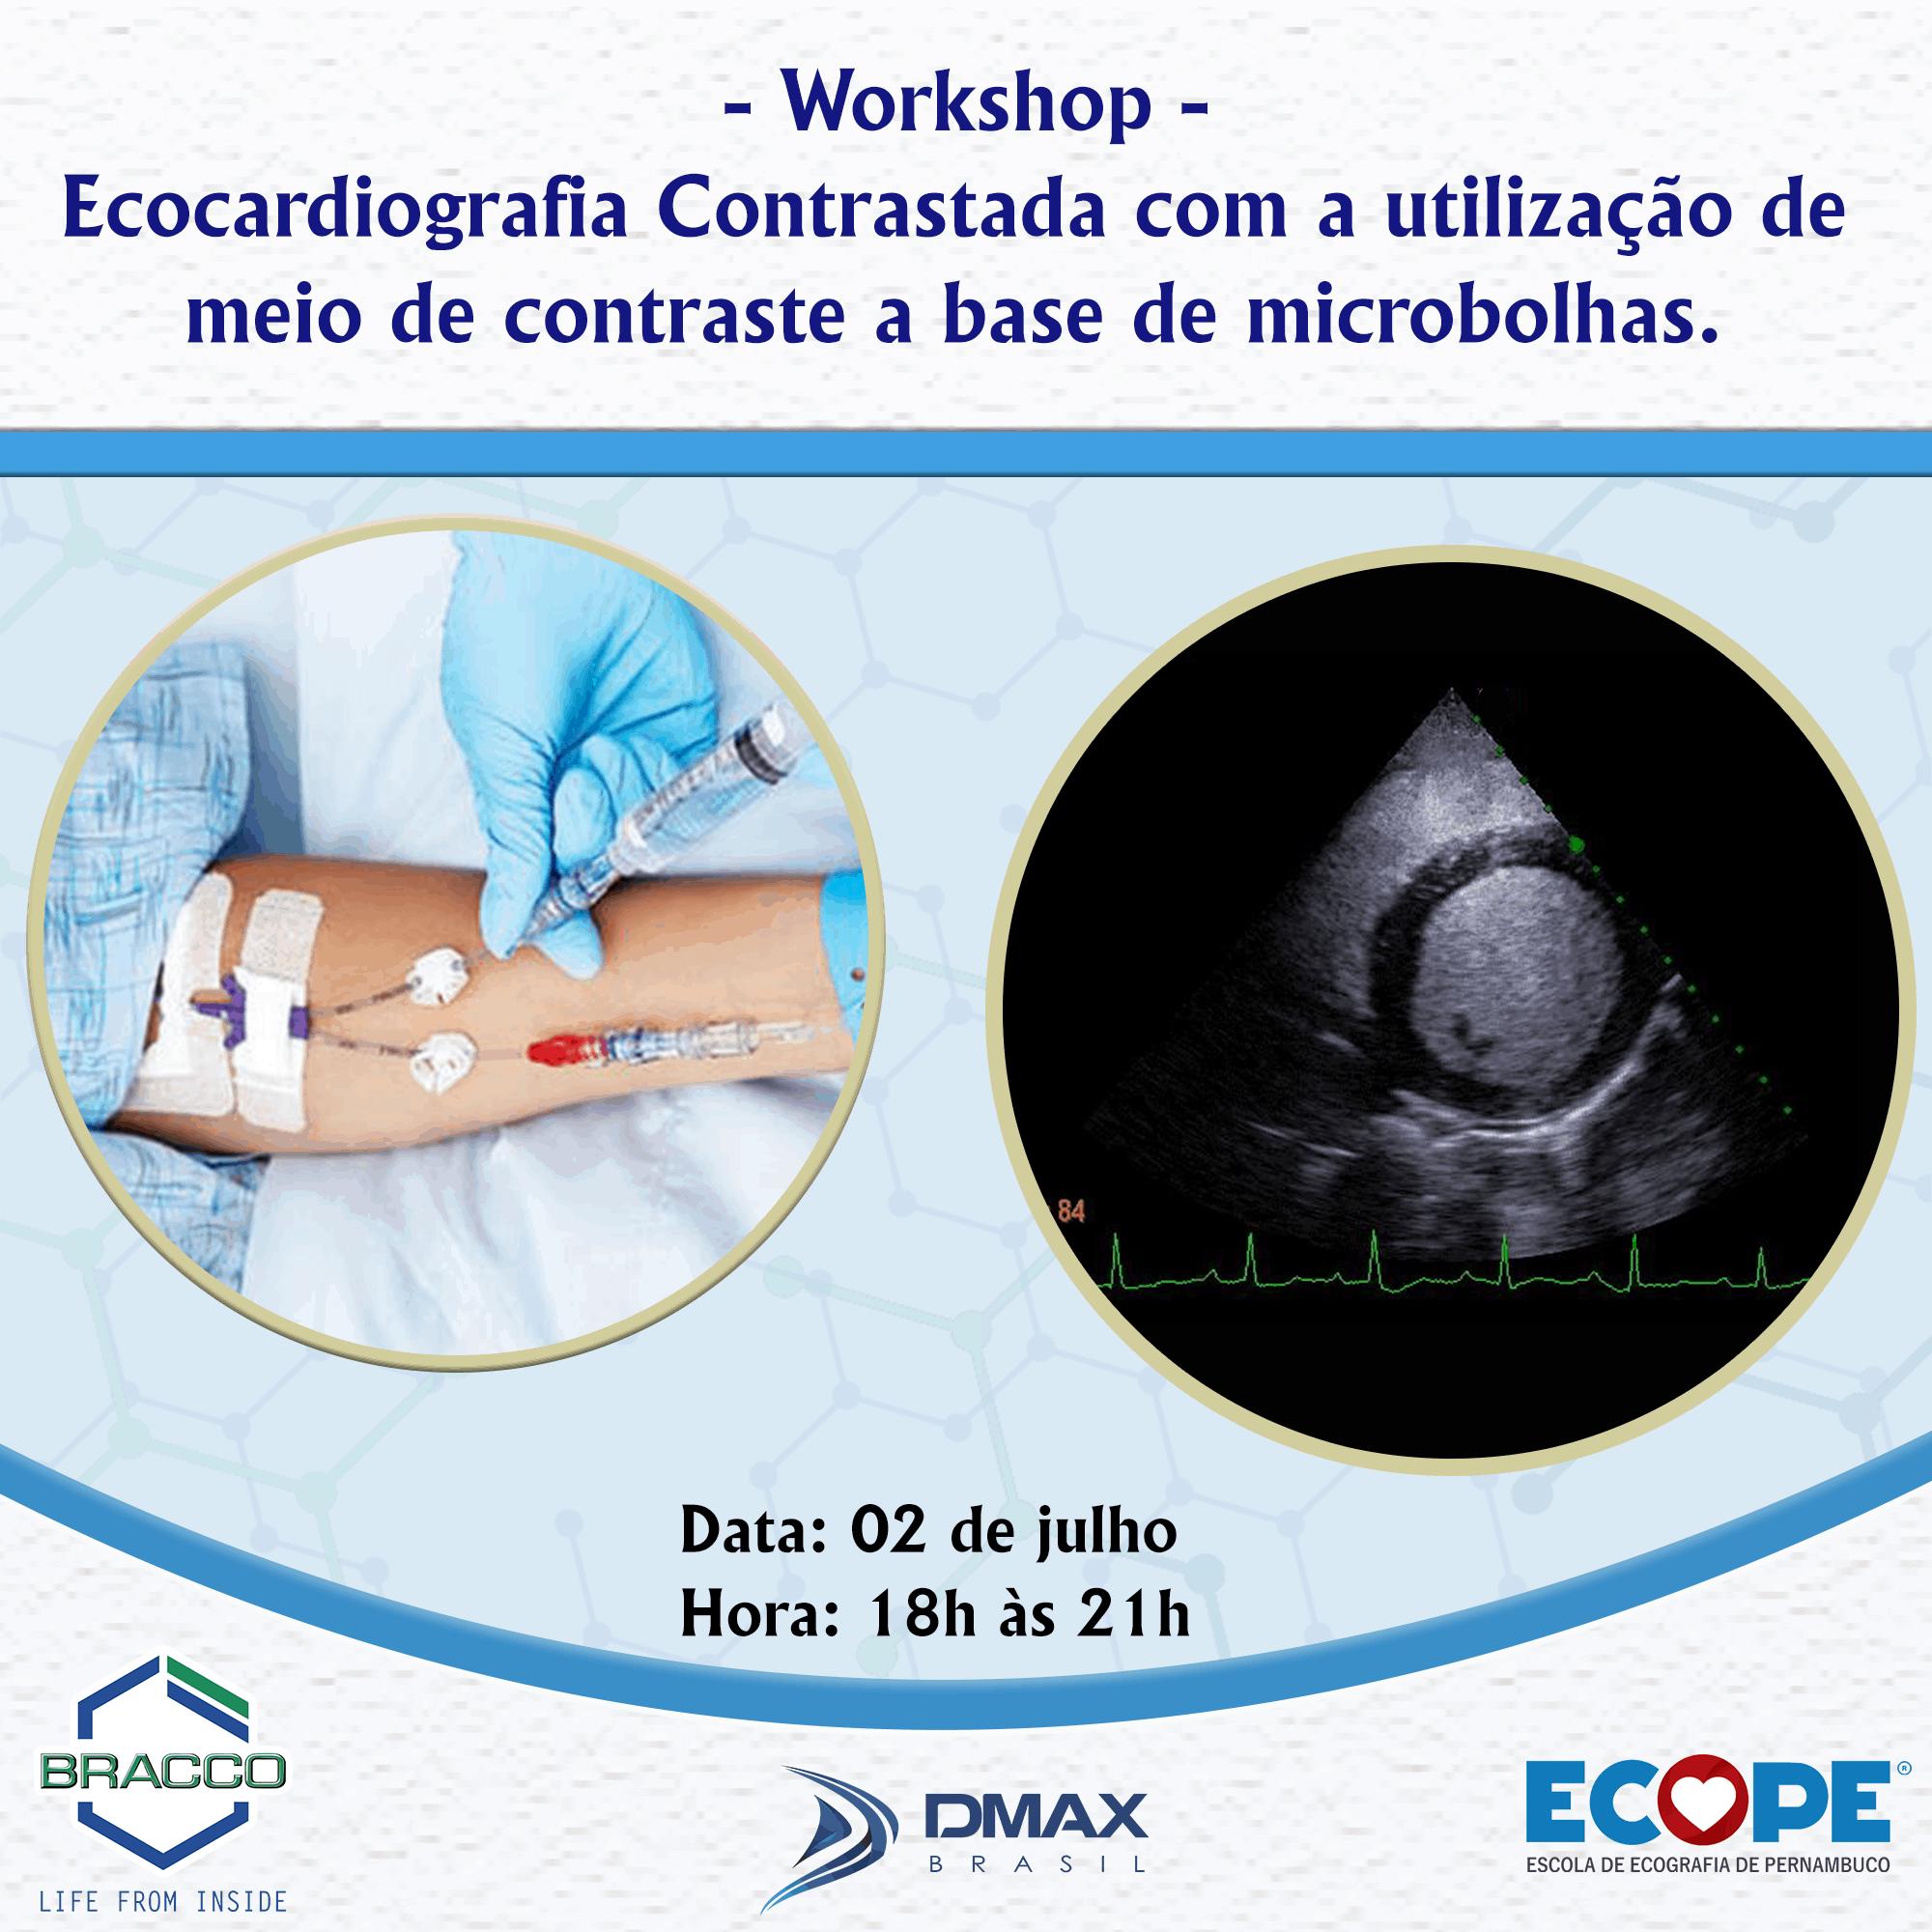 Ecope lança workshop gratuito de Contraste Ecocardiográfico